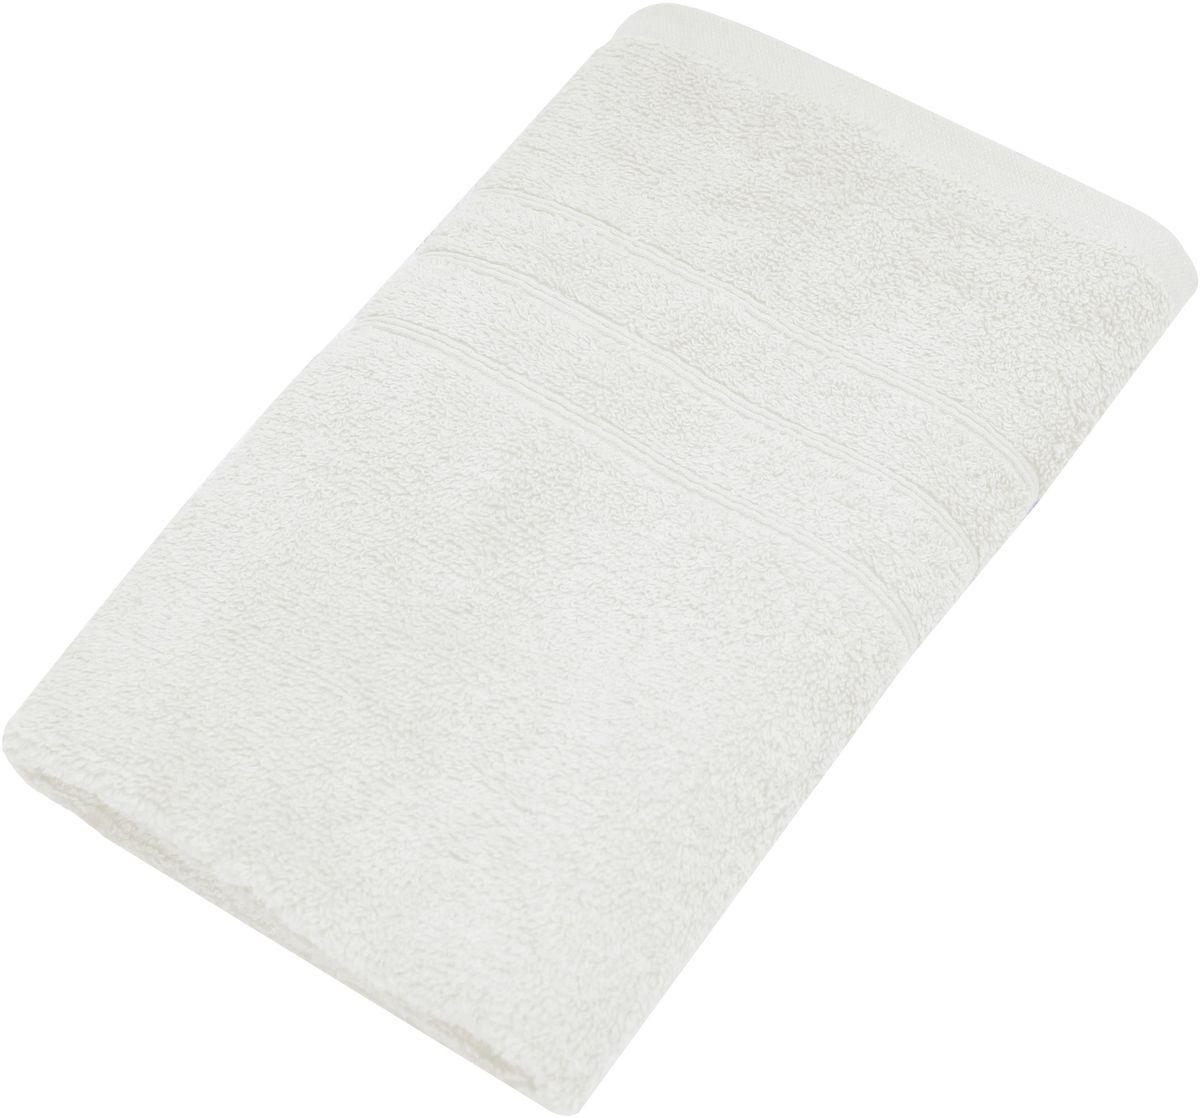 Полотенце Proffi Home Модерн, цвет: белый, 50 x 100 см391602Мягкое махровое полотенцеProffi Home Модернотлично впитывает влагу и быстро сохнет, приятно в него завернуться после принятия ванны или посещения сауны. Поэтому данное махровое полотенце можно использовать в качестве душевого, банного или пляжного полотенца. Состав: 100% хлопок.